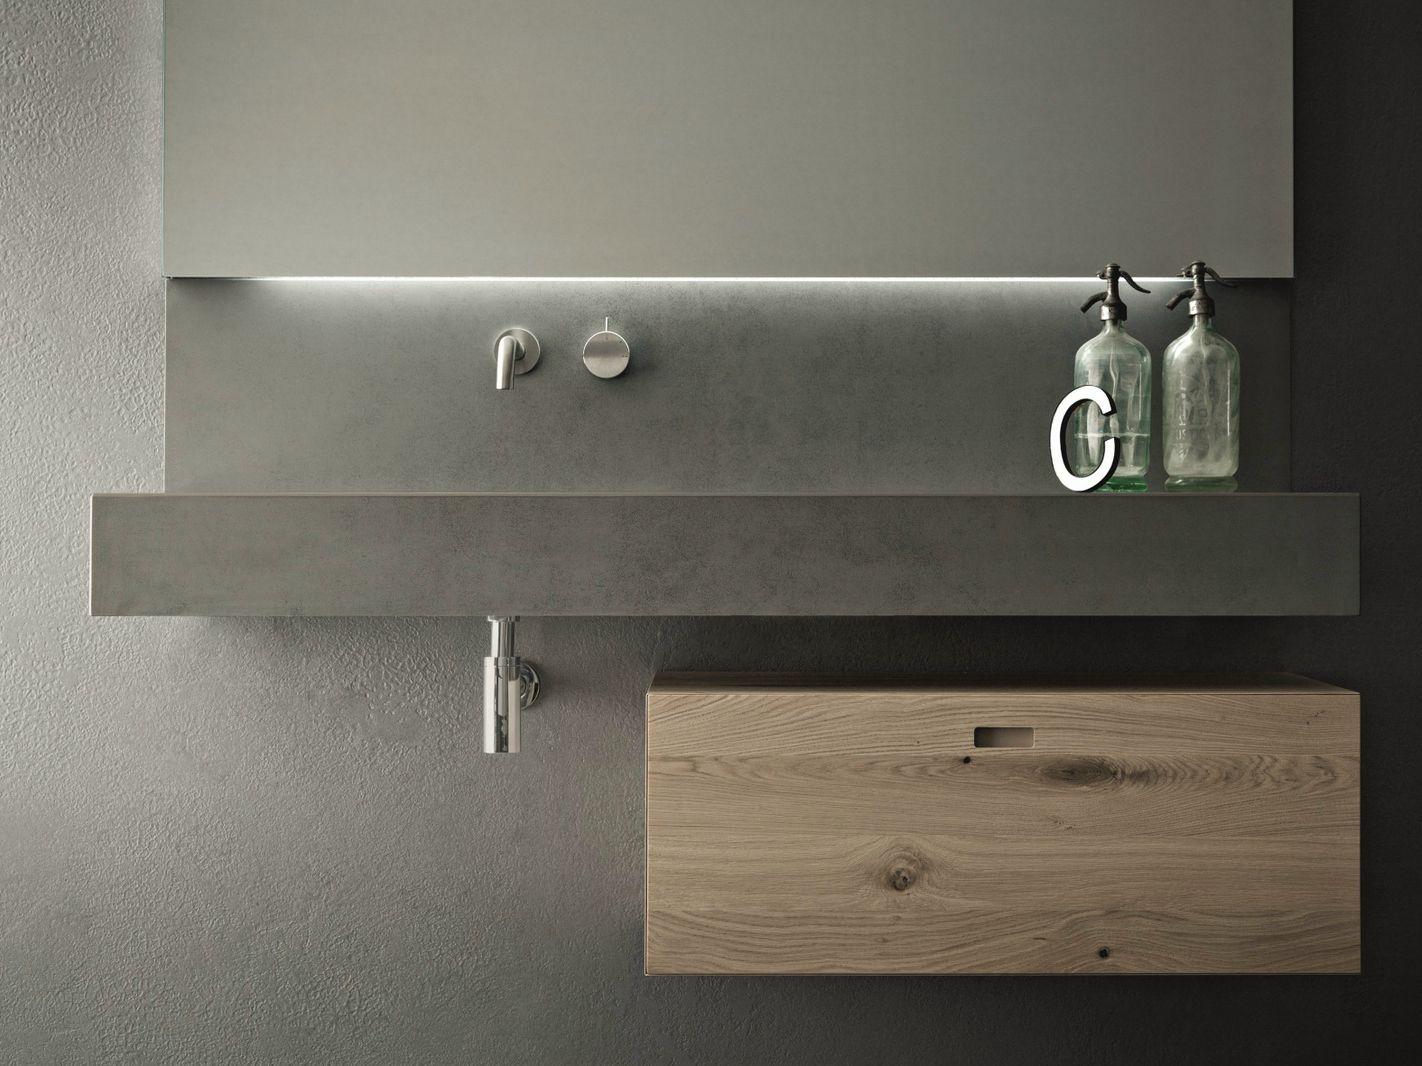 Arredo bagno completo in cemento CRAFT - COMPOSIZIONE N02 by NOVELLO design S...